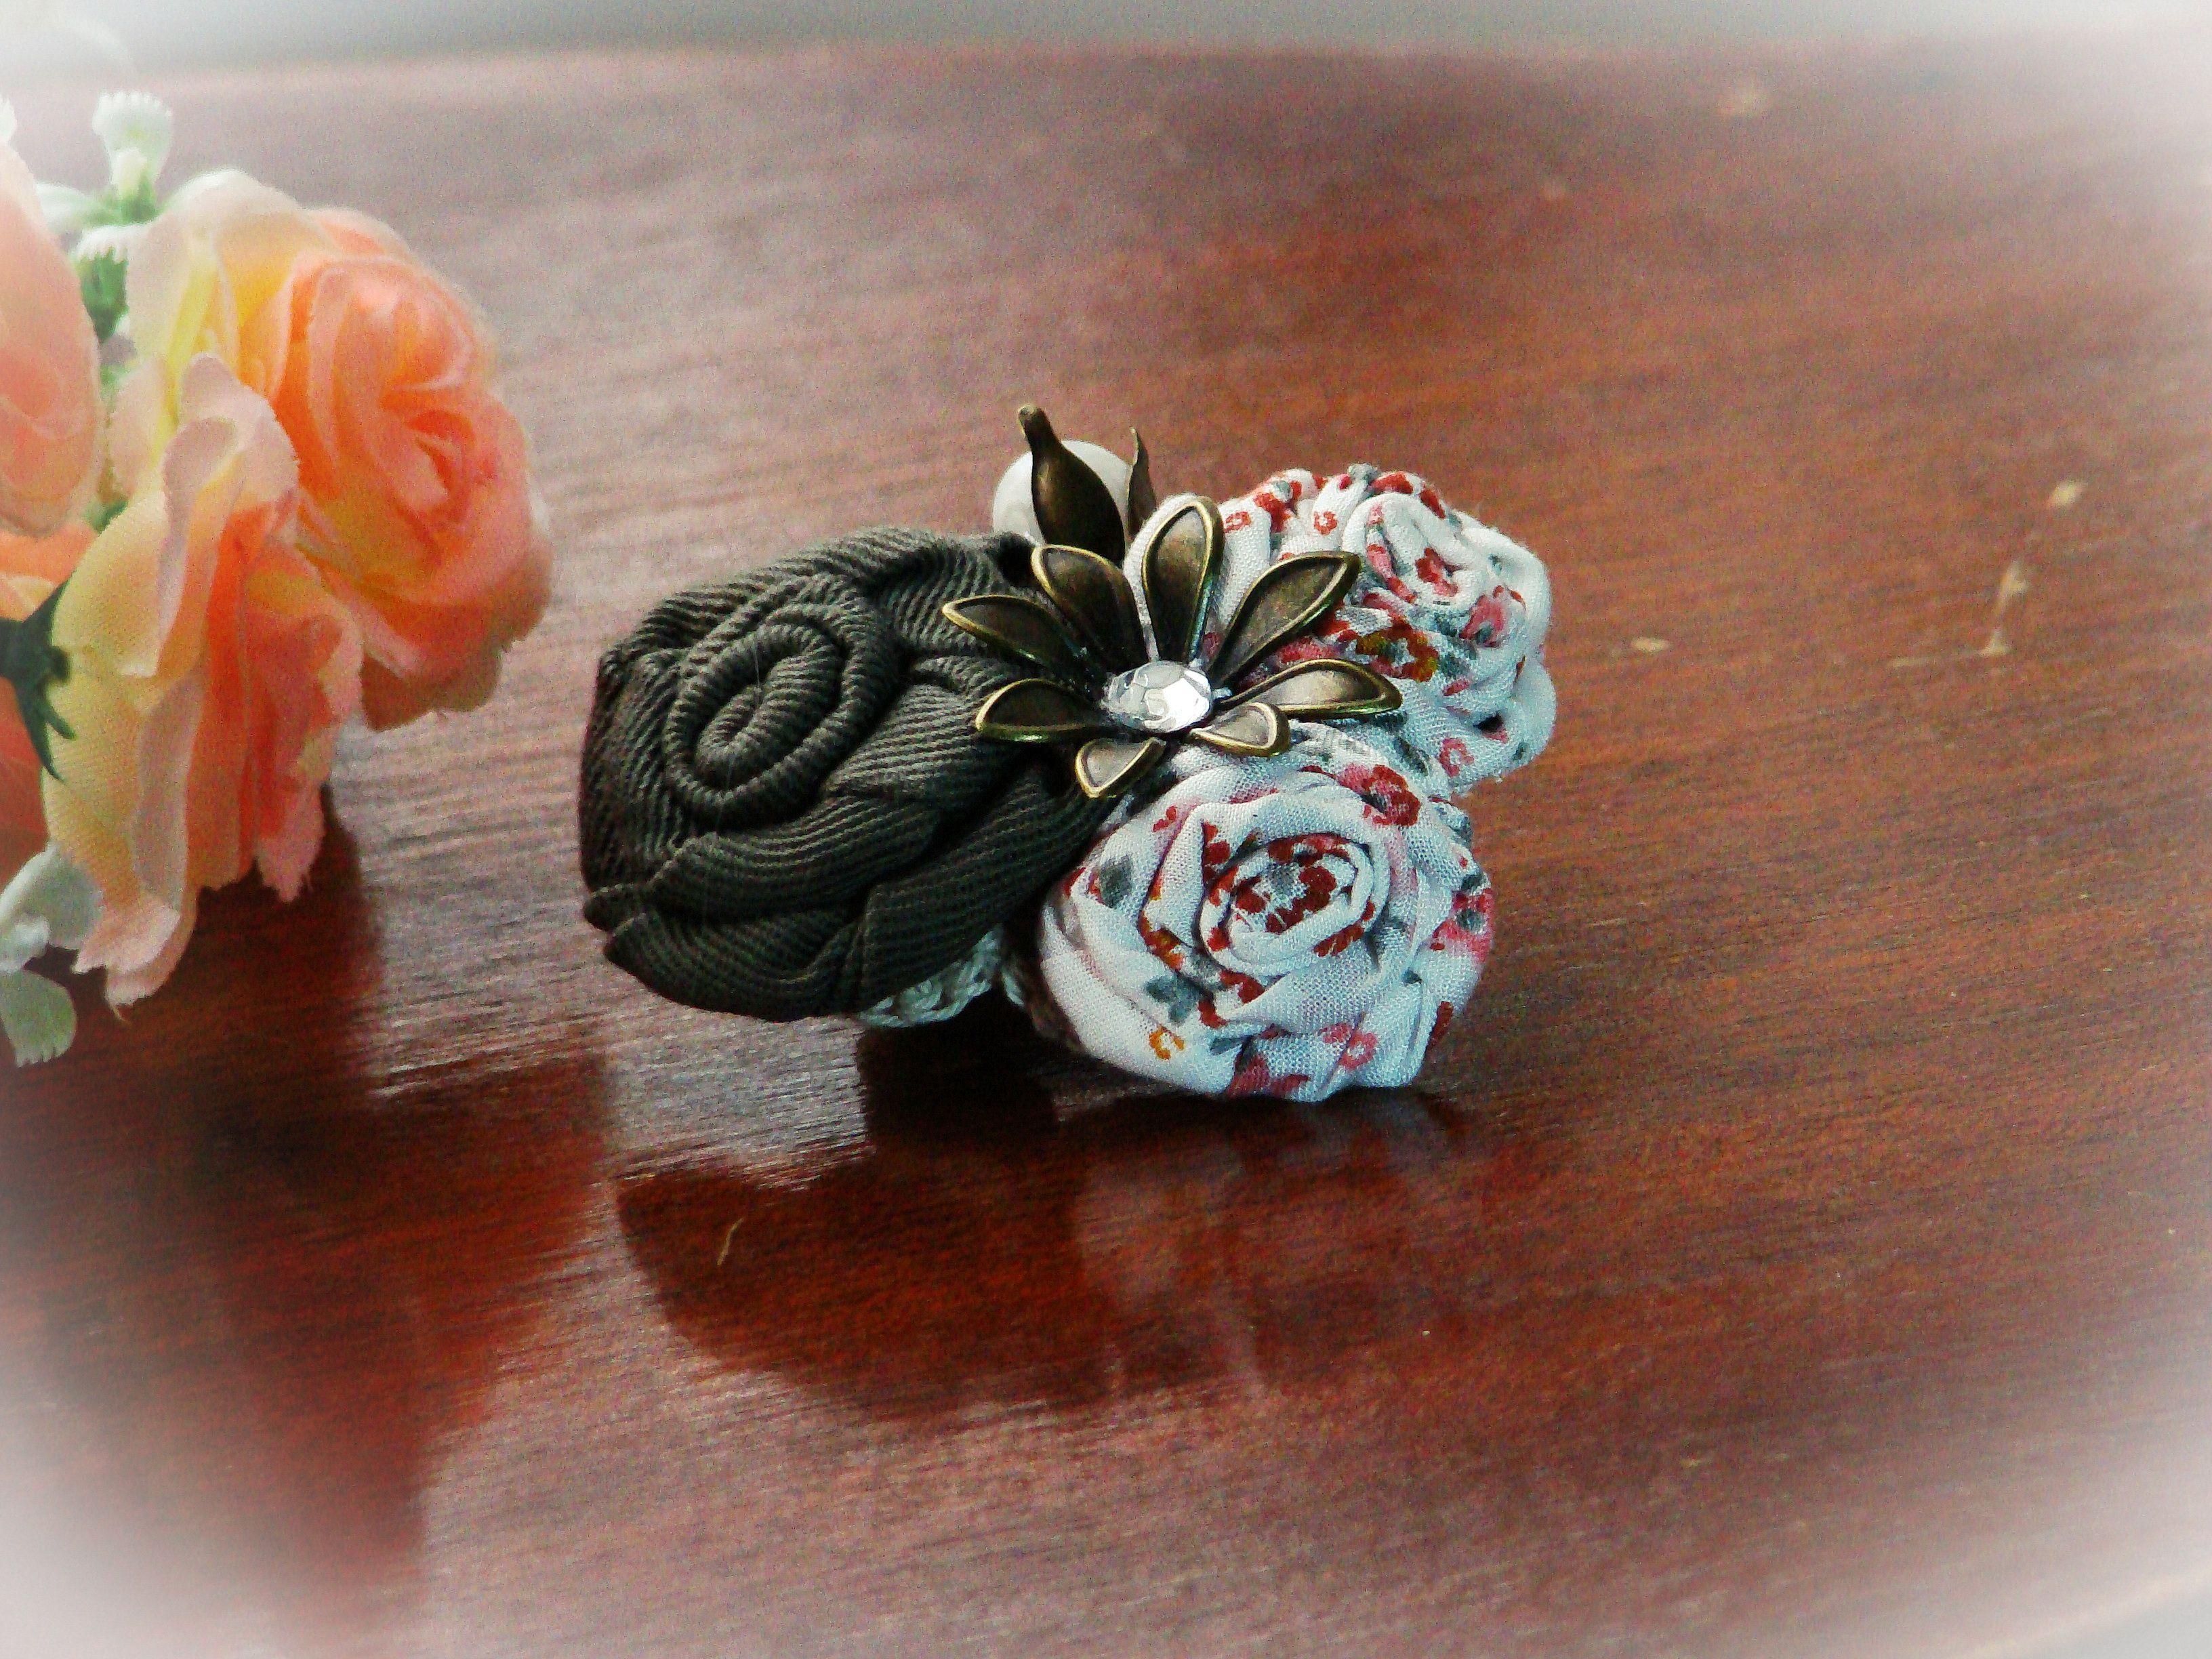 руками авторская работа украшение брошь цветок текстильная своими